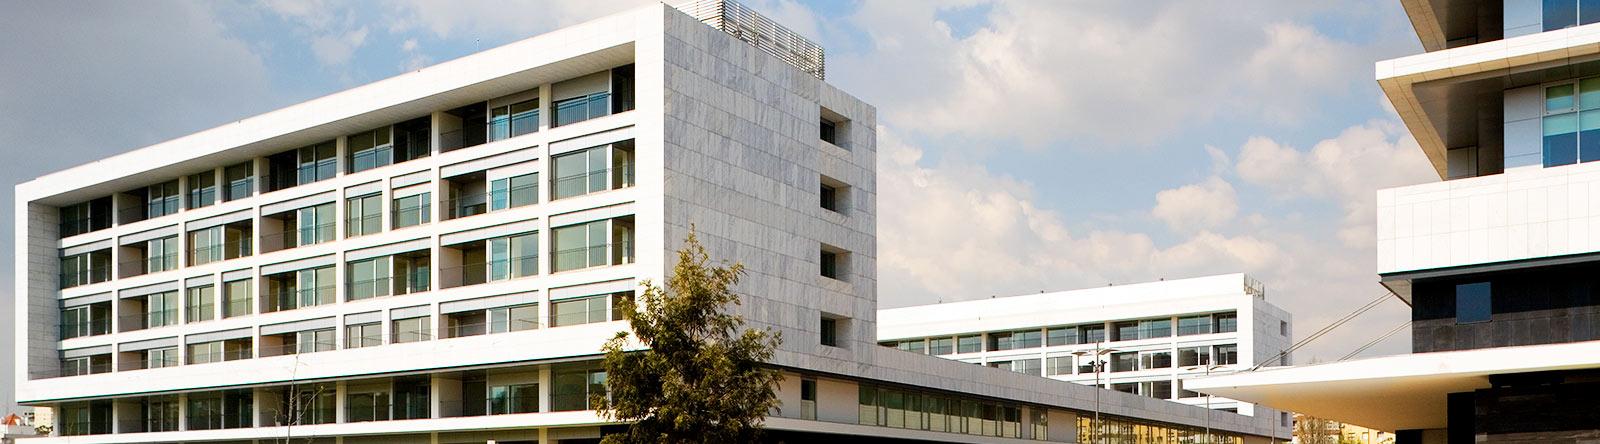 Propriedade da Fidelidade, que é por sua vez dona do grupo Luz Saúde. / Hospital da Luz